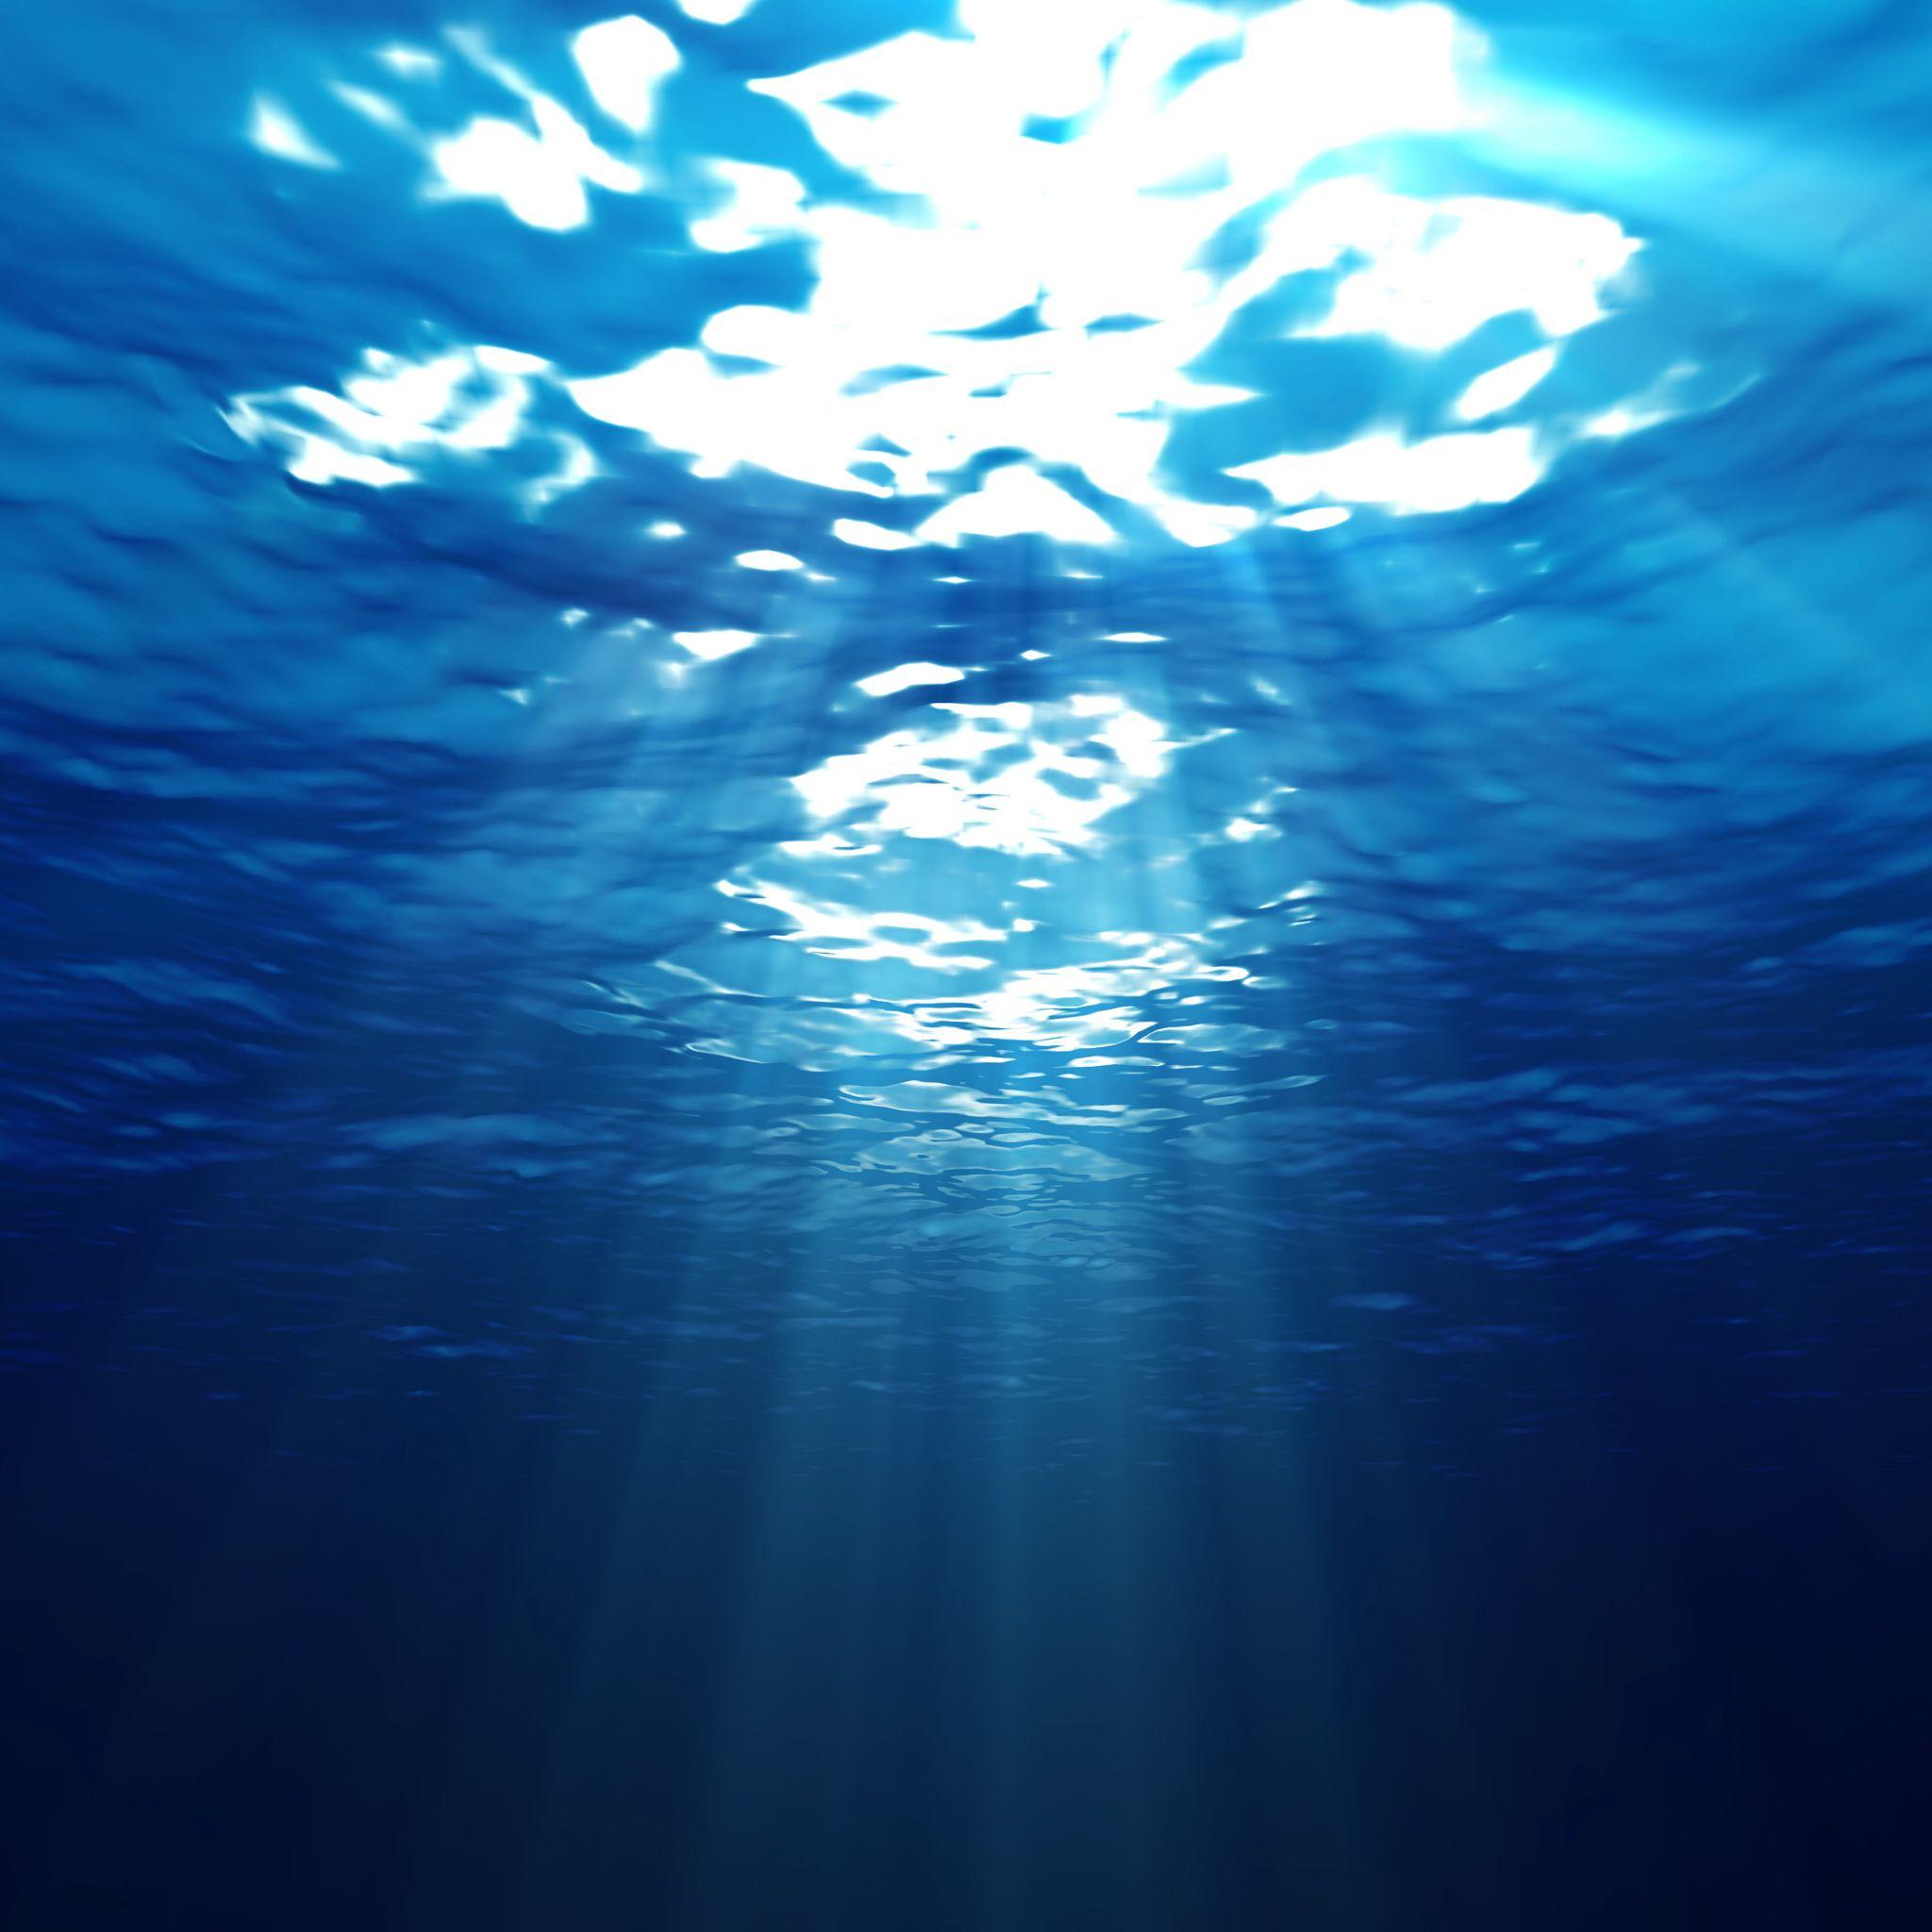 壁紙 水中